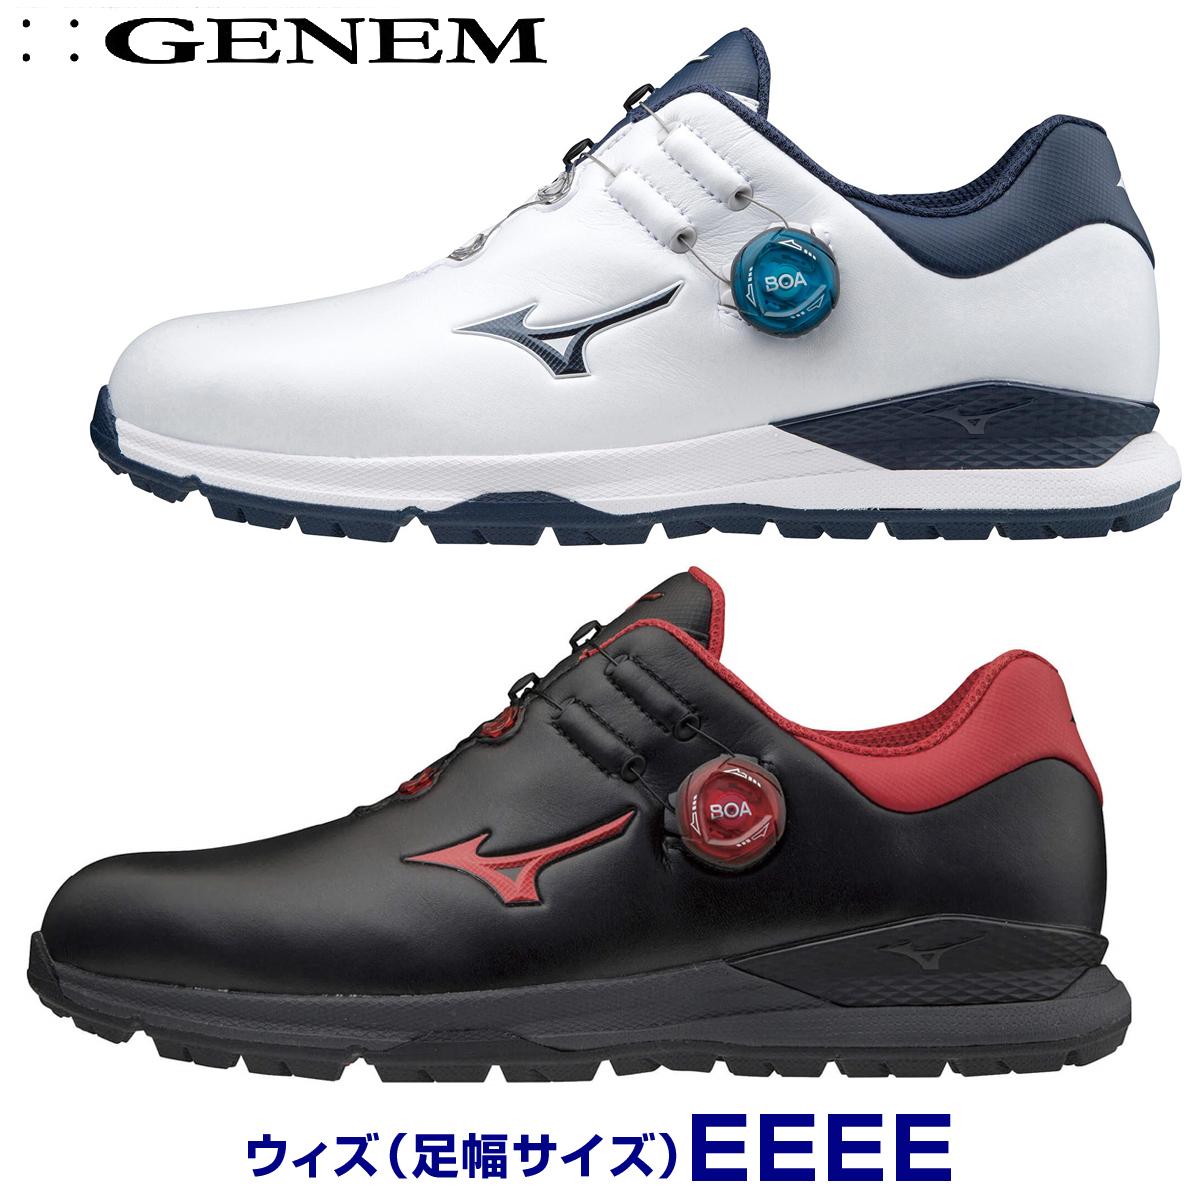 【【最大4999円OFFクーポン】】【4E】MIZUNO(ミズノゴルフ)日本正規品 GENEM010 BOA(ジェネムボア) スパイクレスゴルフシューズ 2020新製品 「51GQ2000」 【あす楽対応】